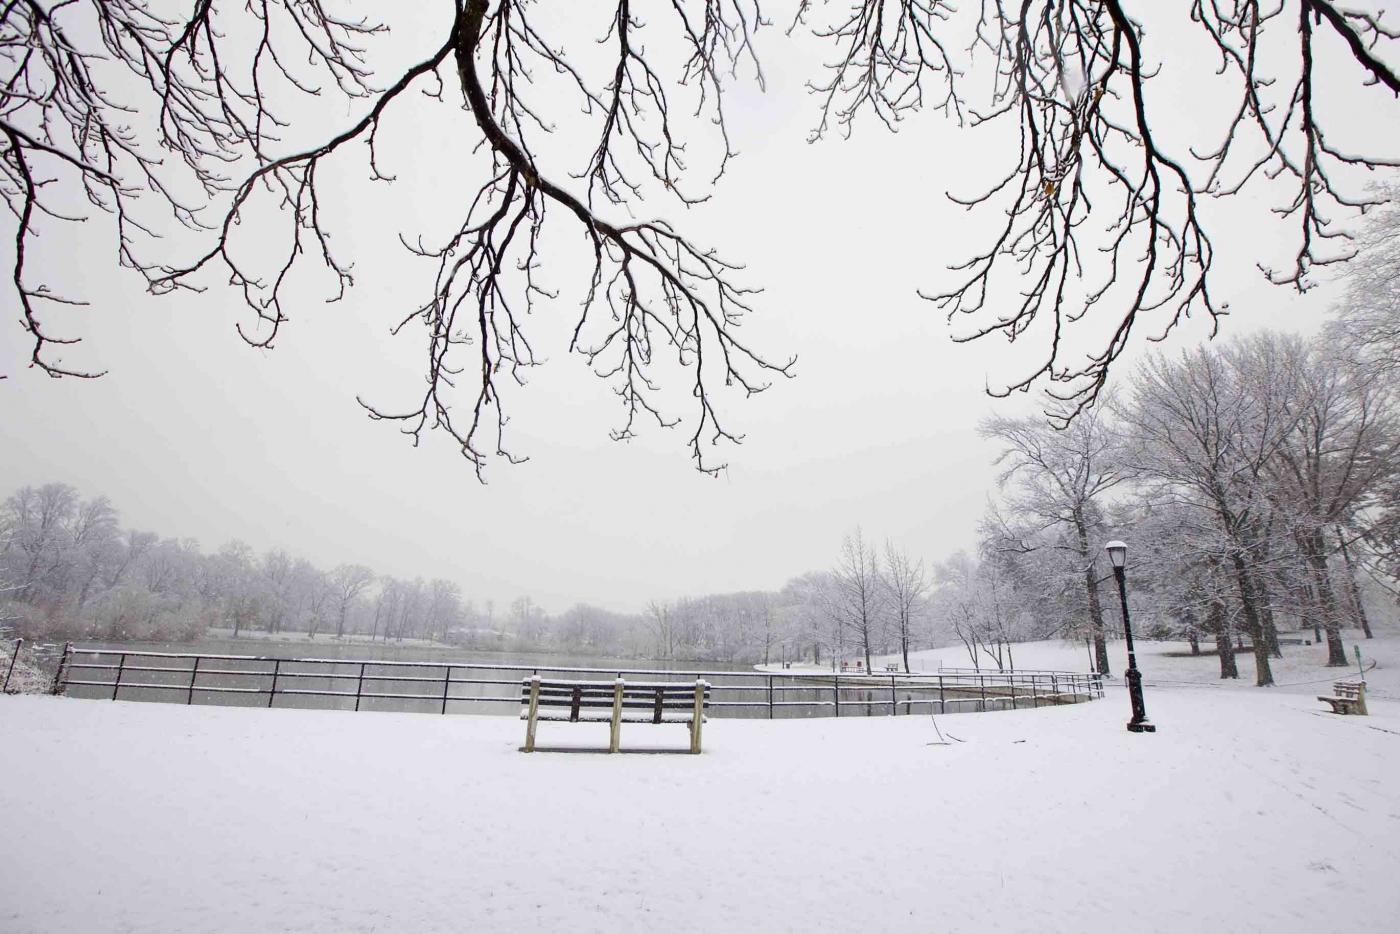 雪中即景_图1-12